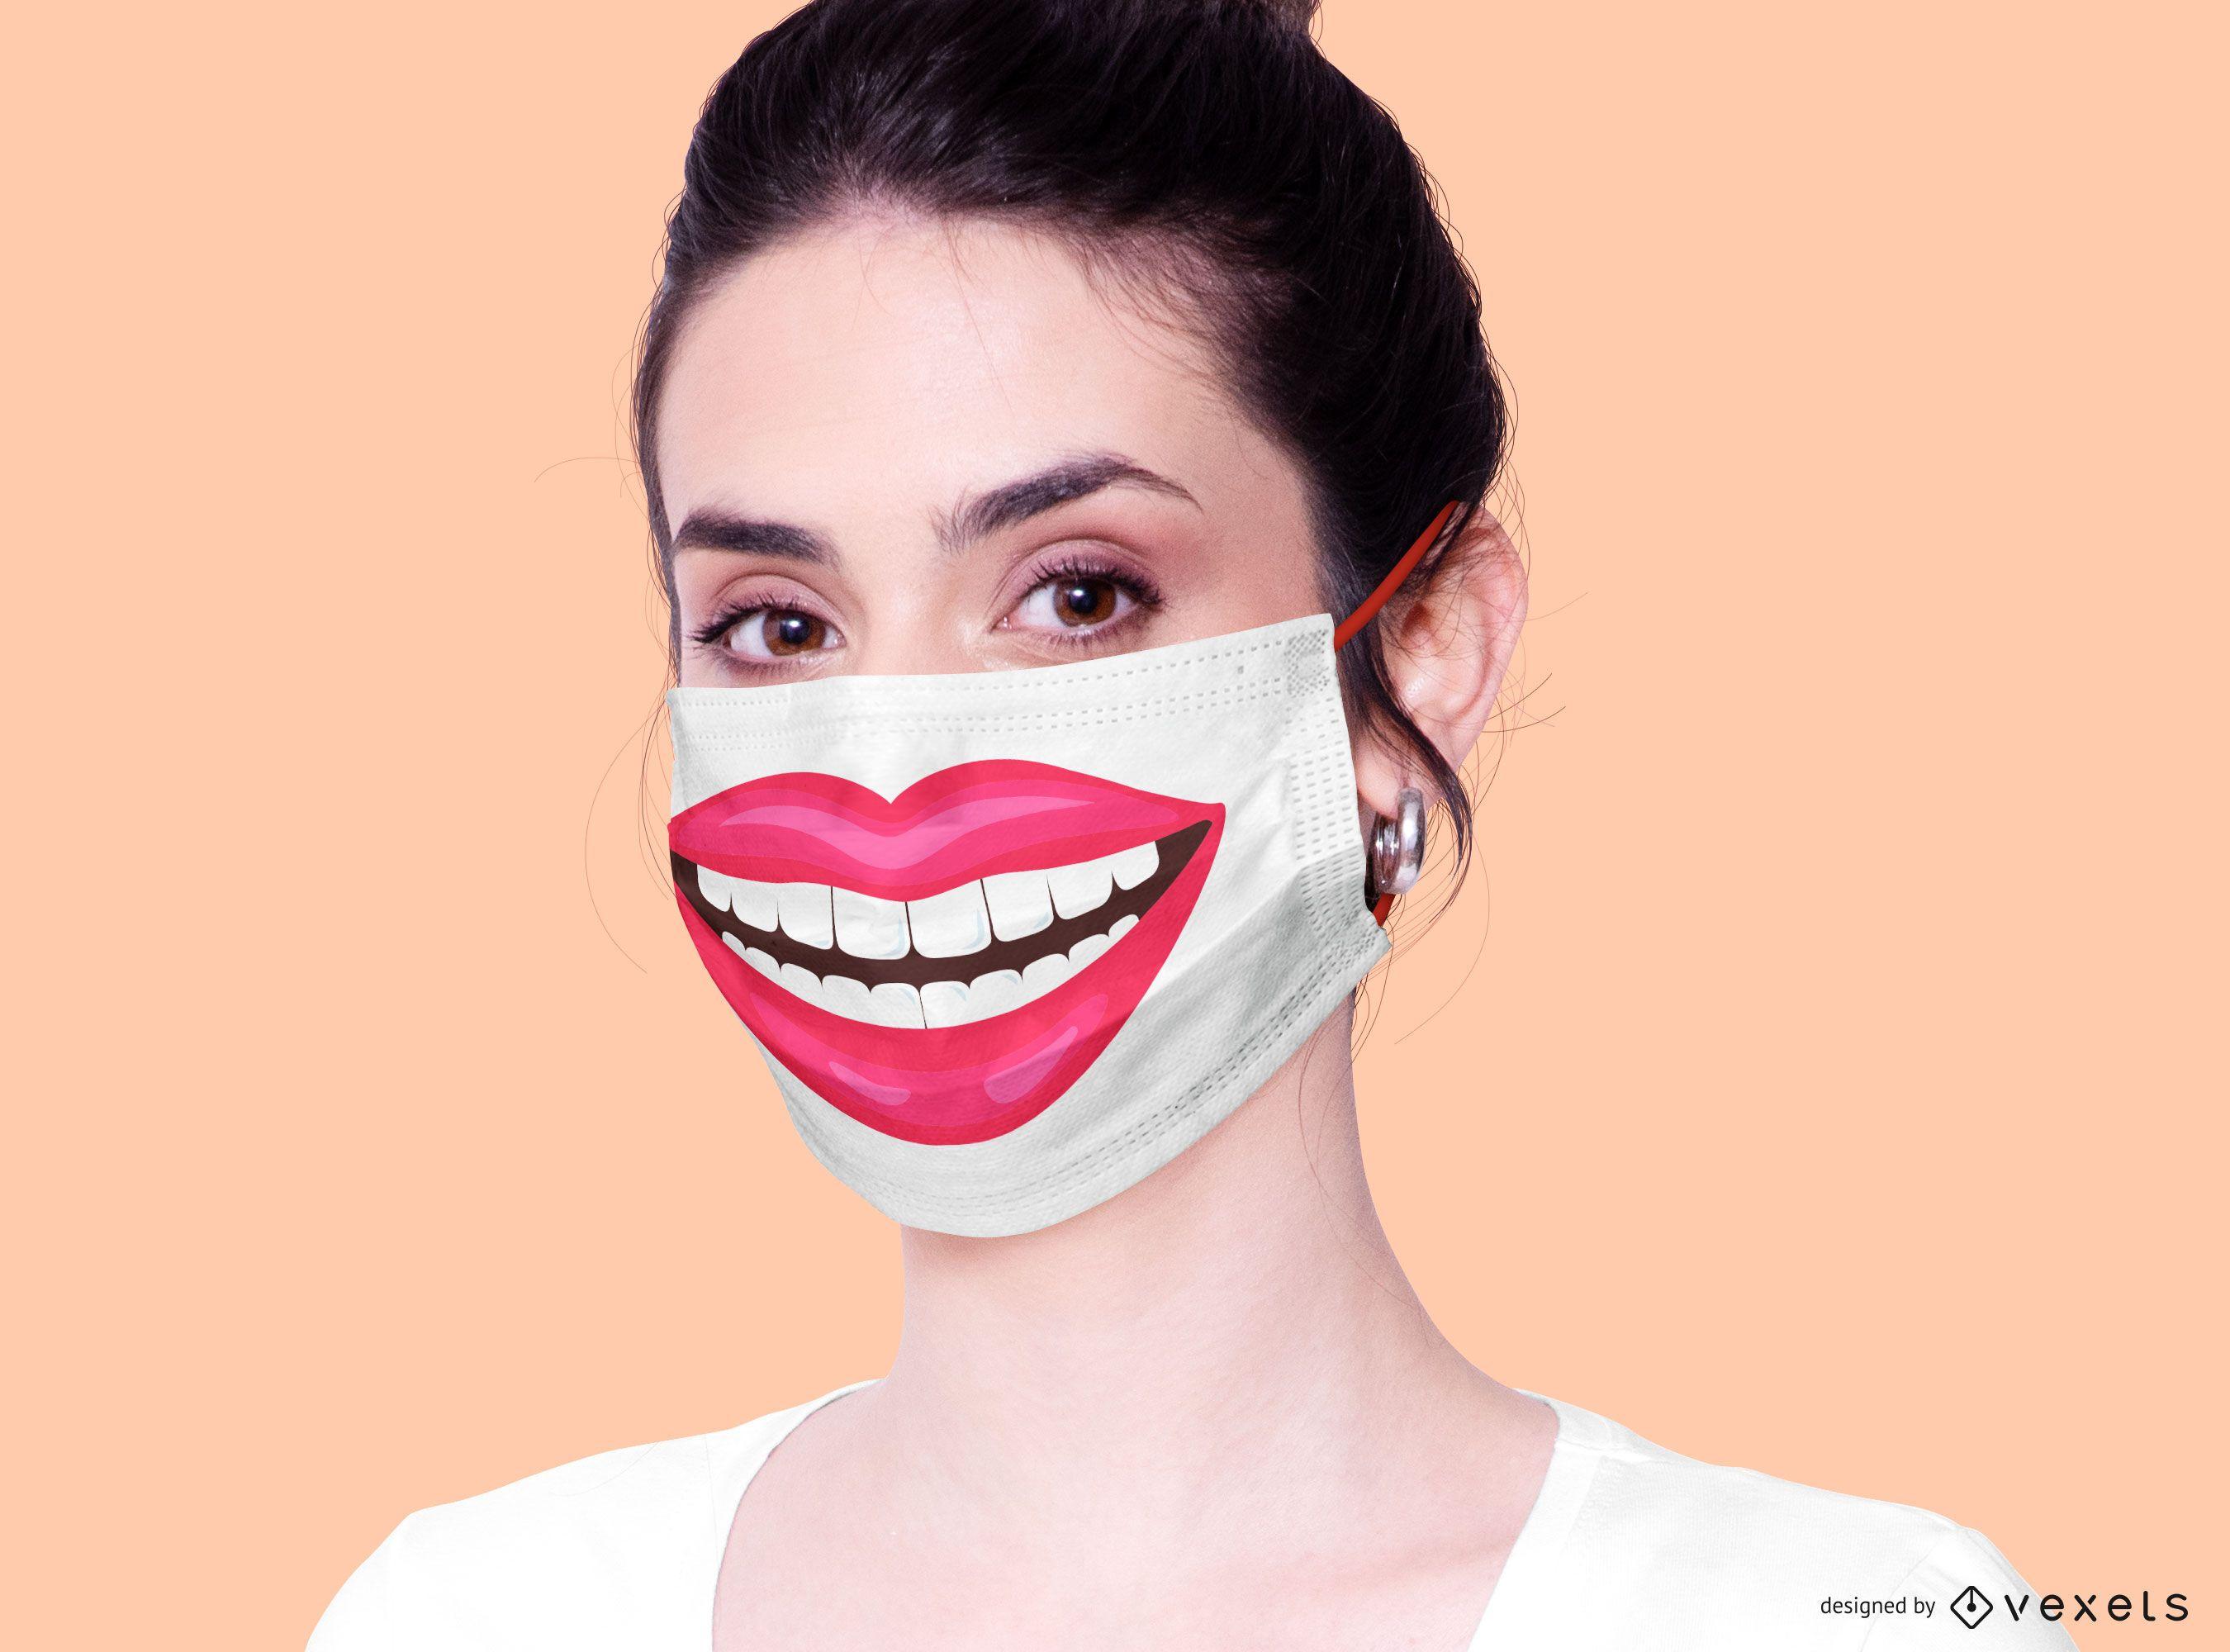 Smile face mask design